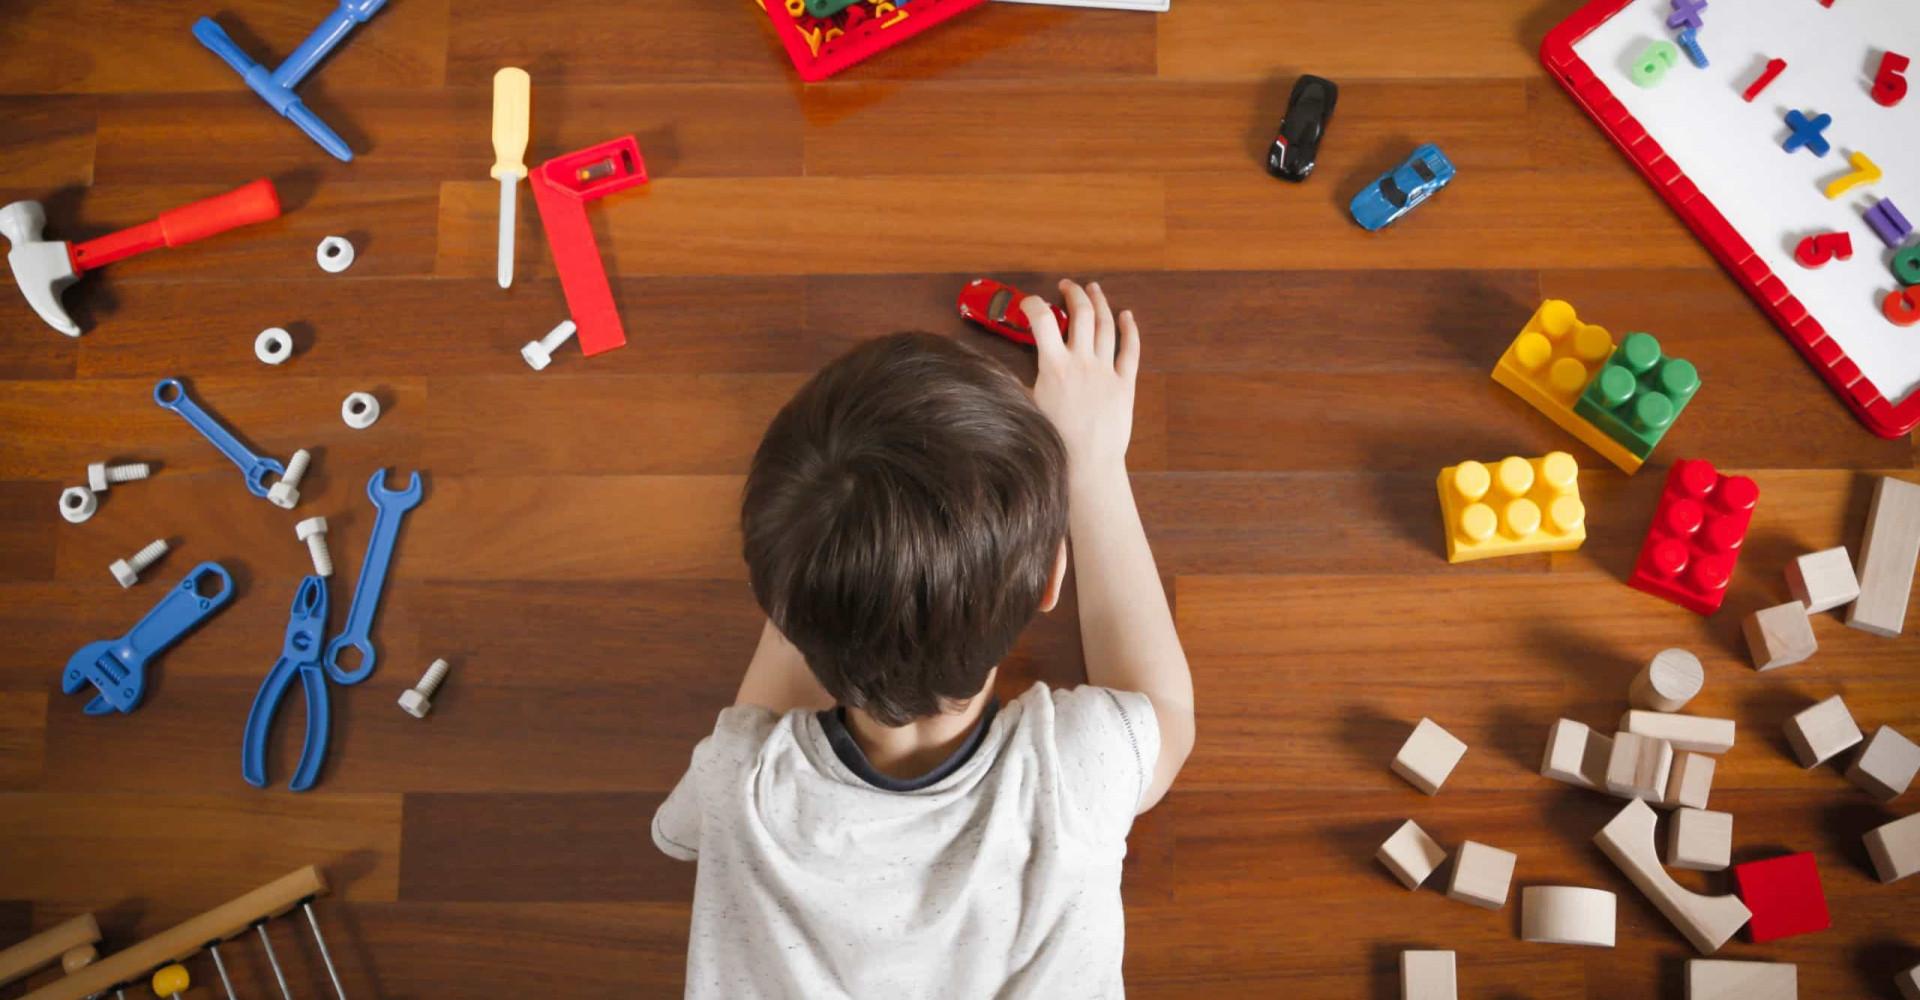 De allergrootste speeldgoedrages in Nederland